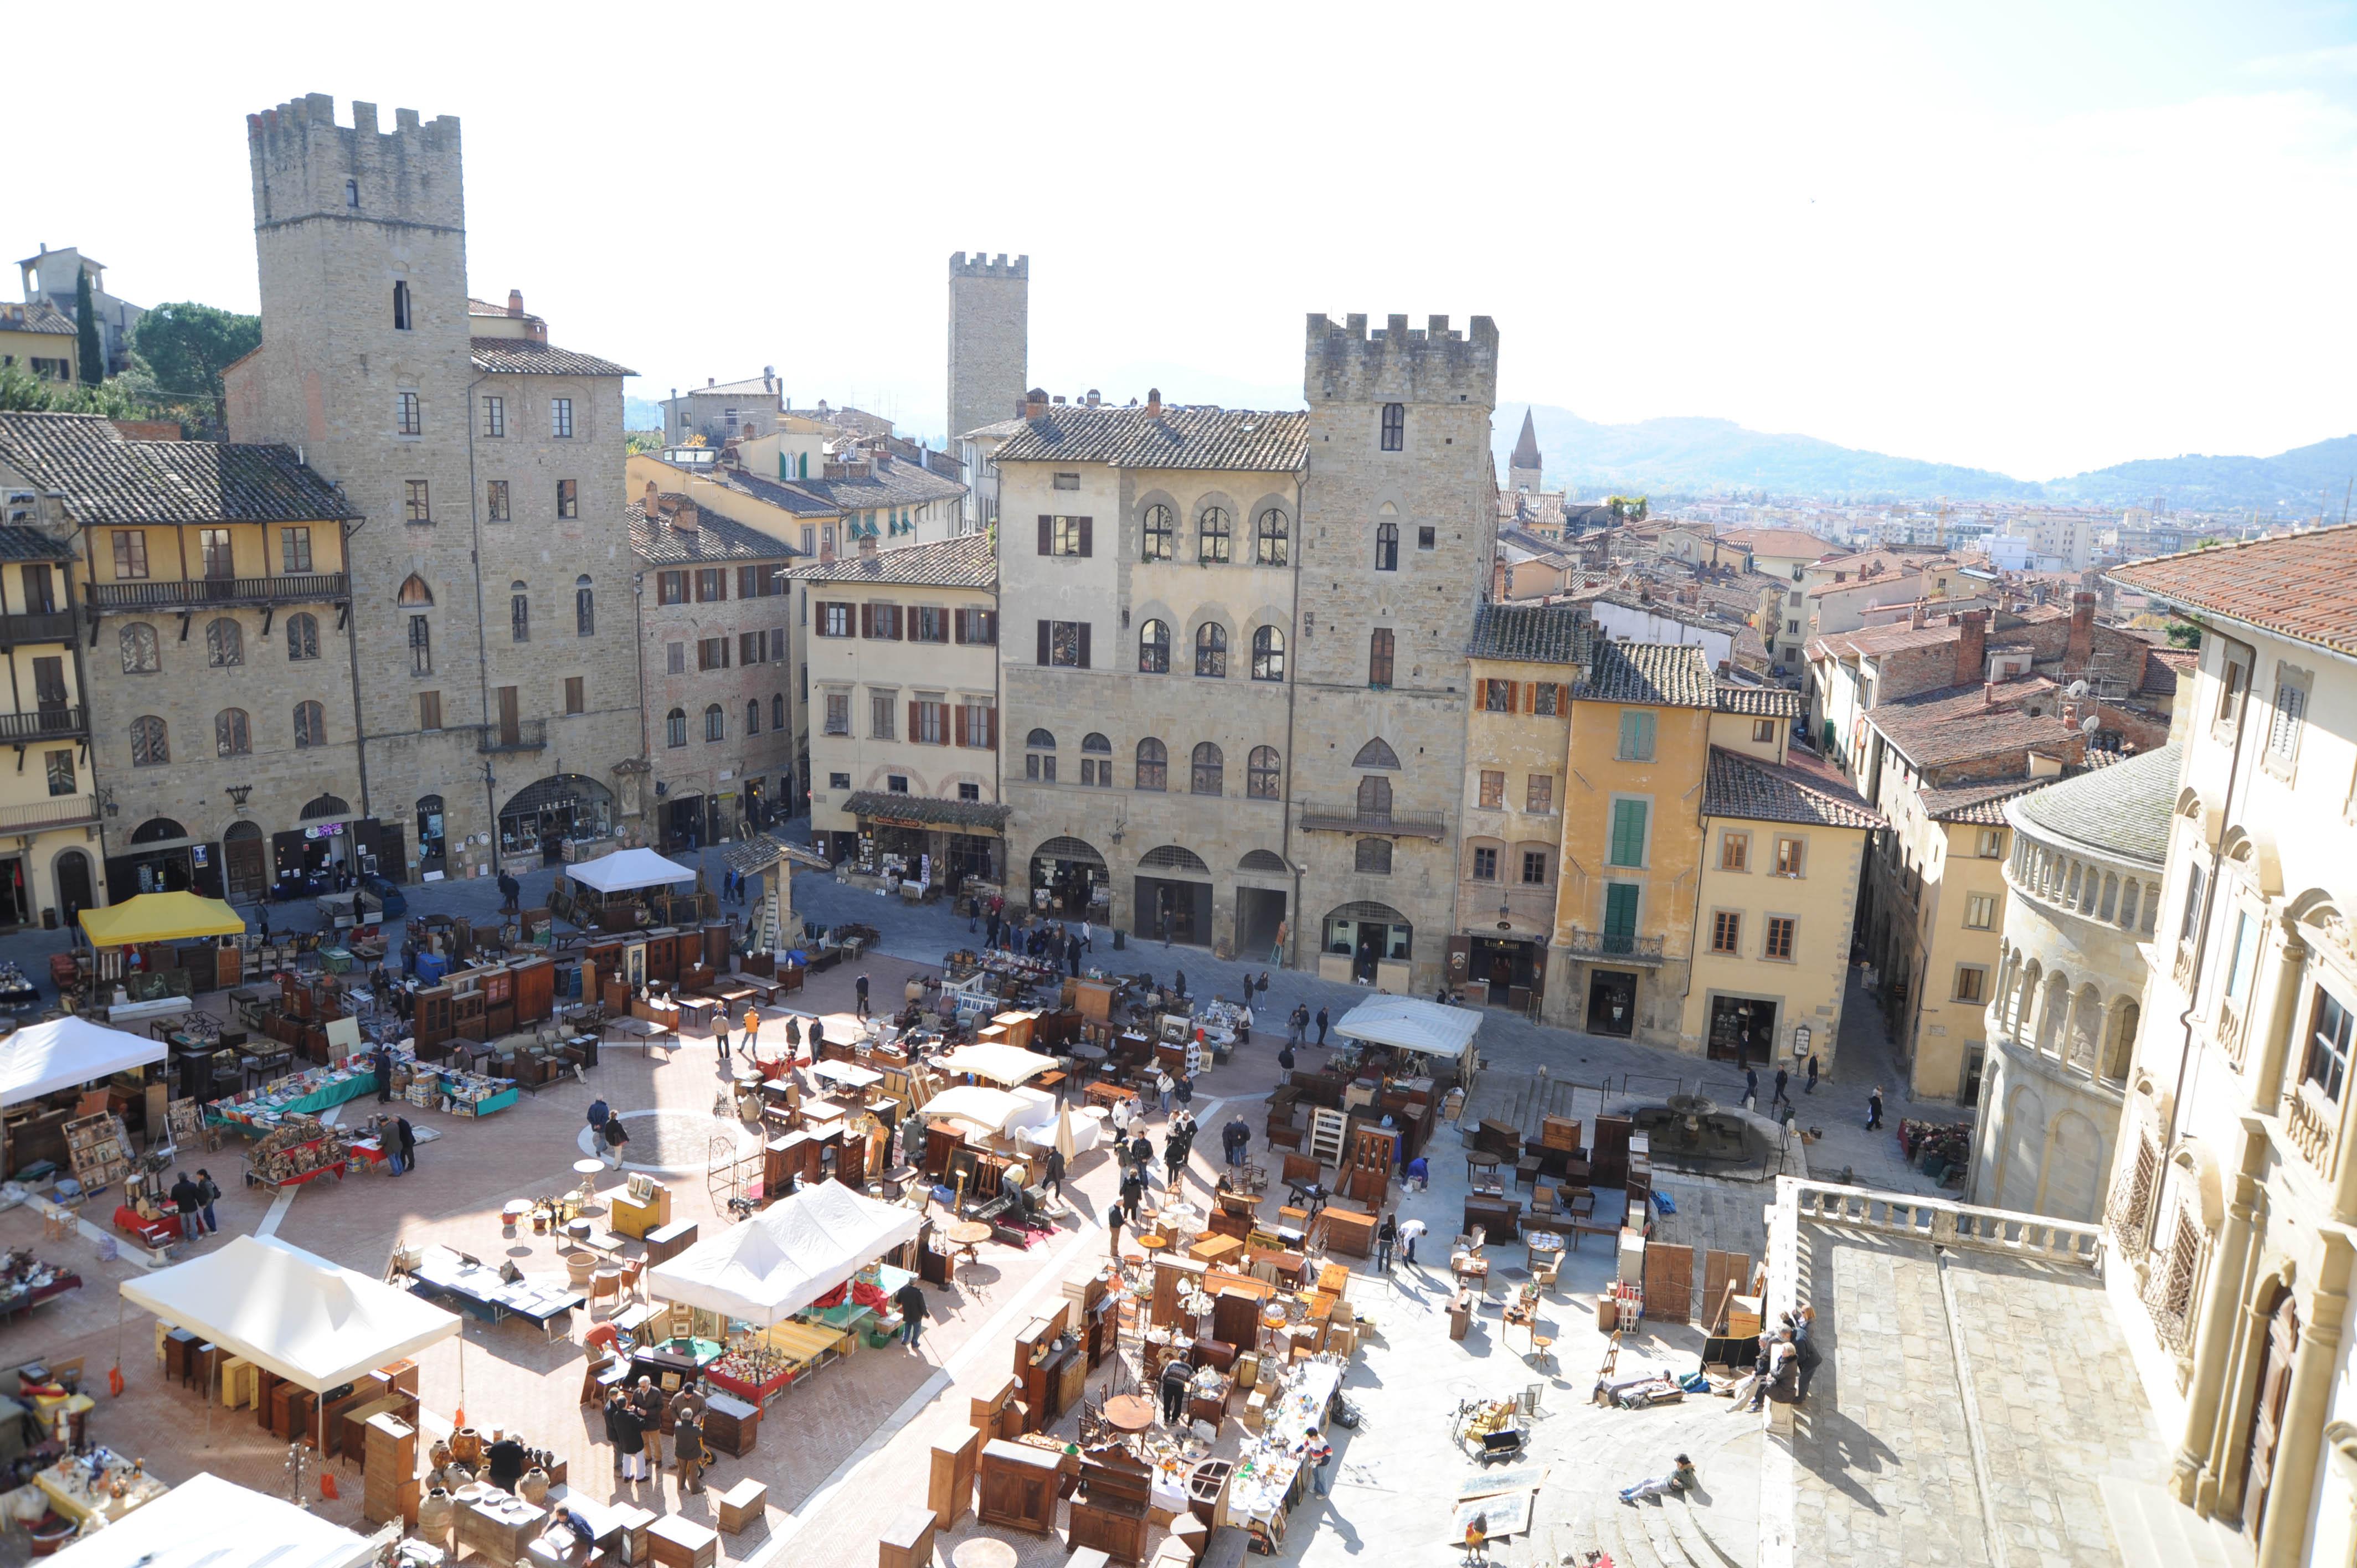 Fiera antiquaria di Arezzo dall'alto